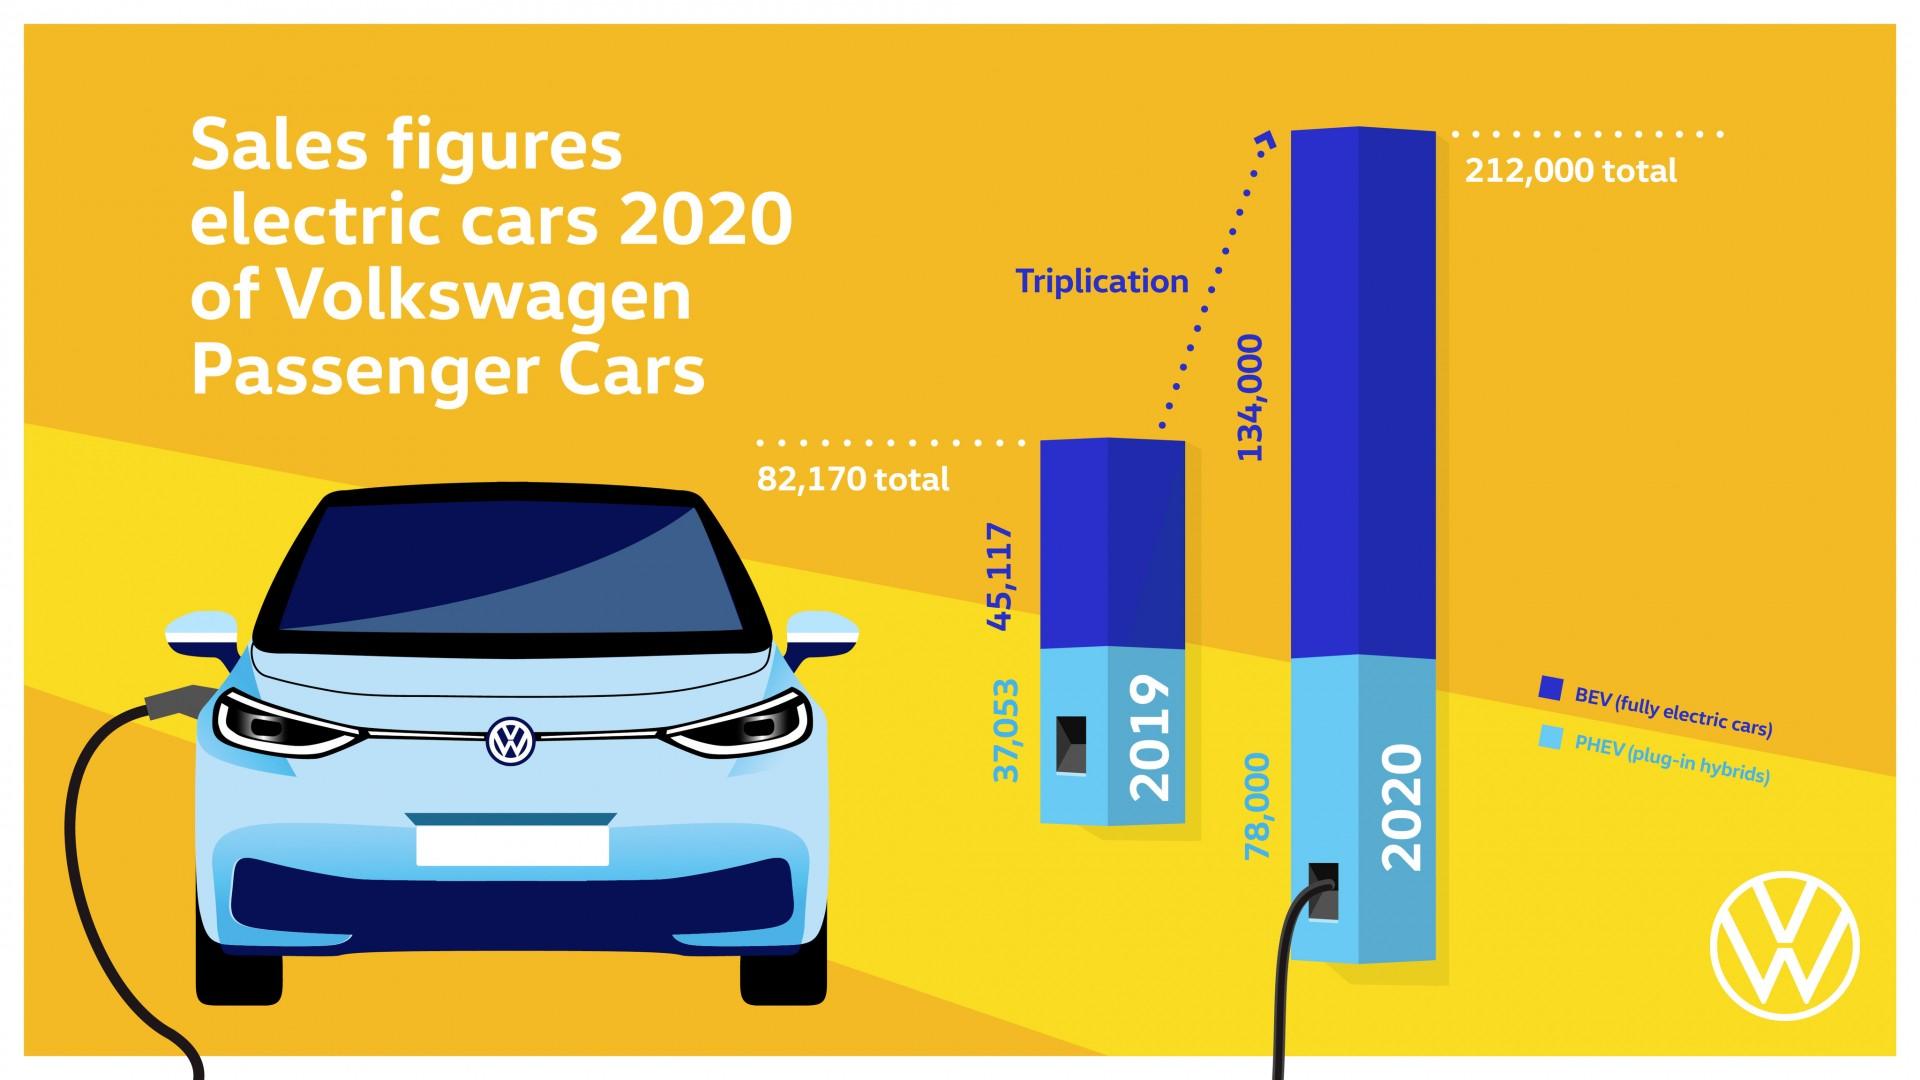 Volkswagen verdrievoudigt verkoop volledig elektrische auto's in 2020